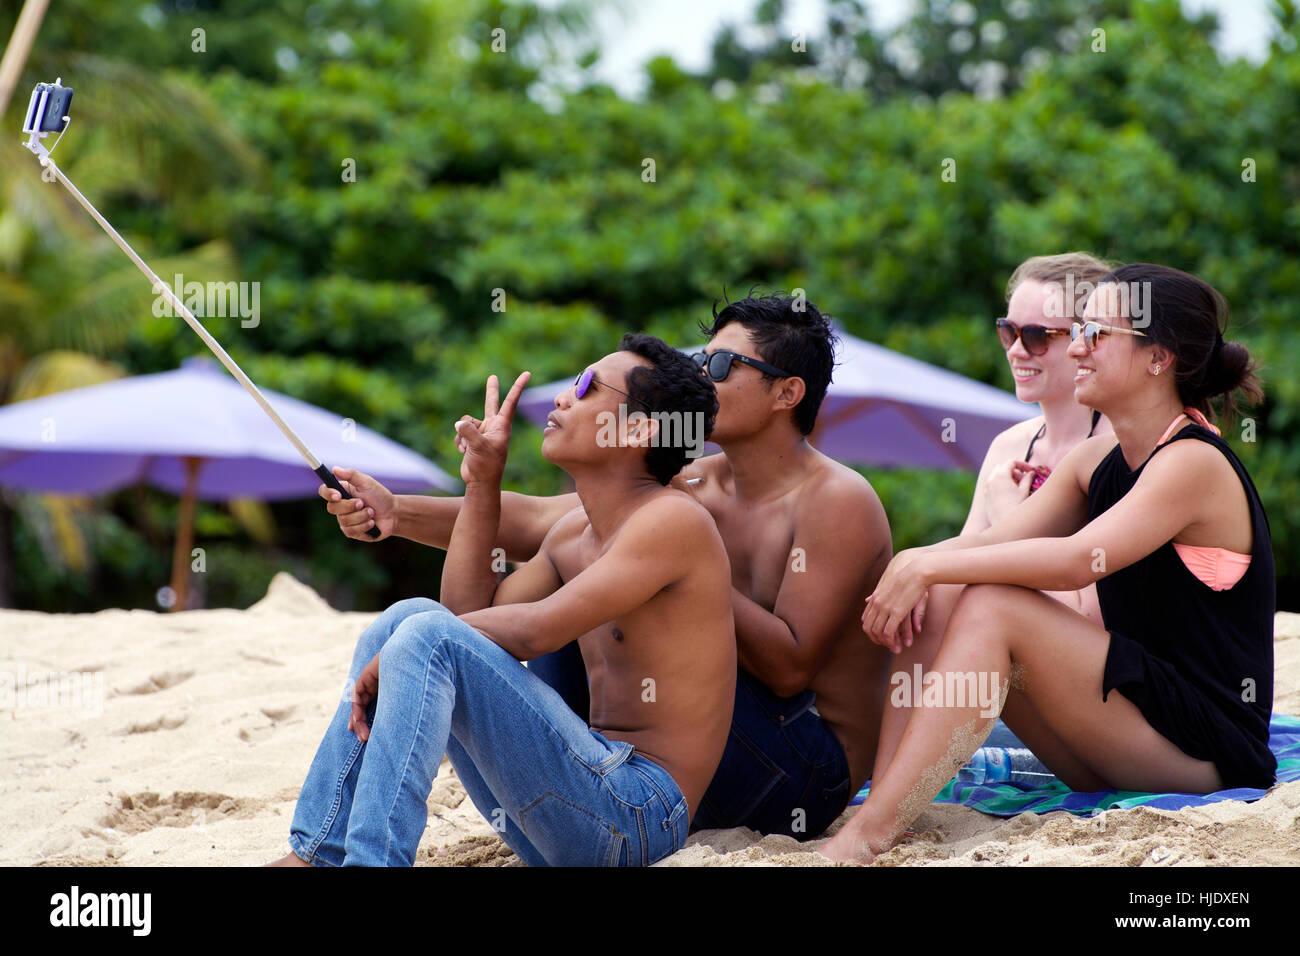 Agradable grupo de jóvenes hombres selfie balinés posar para fotos con un par de jóvenes mujeres Imagen De Stock